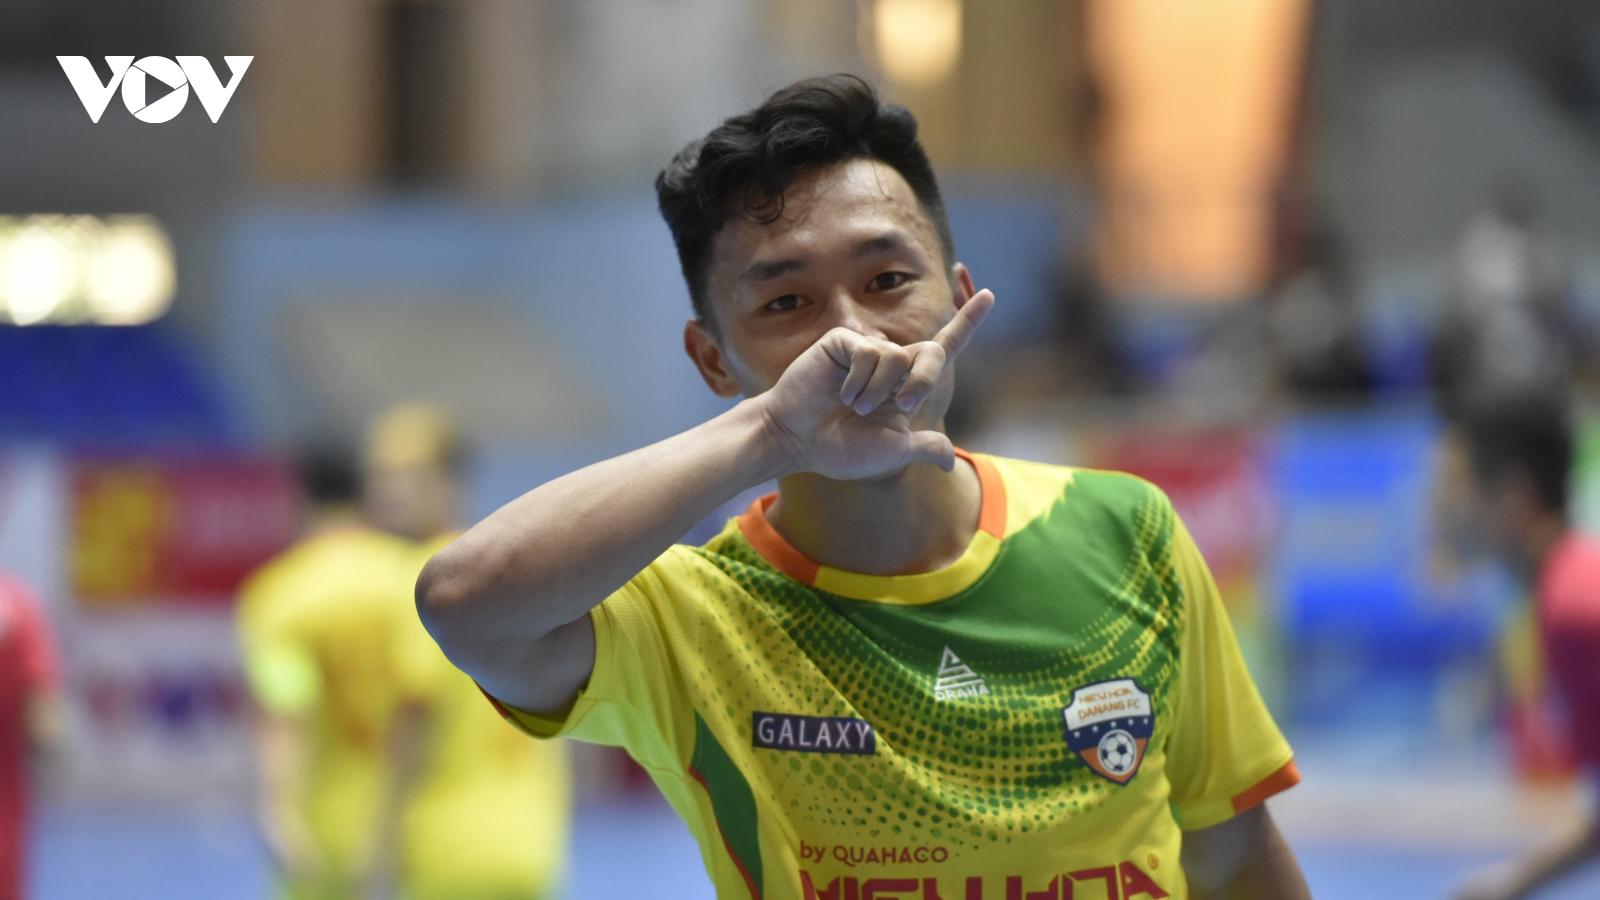 Giải Futsal HDBank VĐQG 2021: Hiếu Hoa Đà Nẵng giành chiến thắng đầu tiên